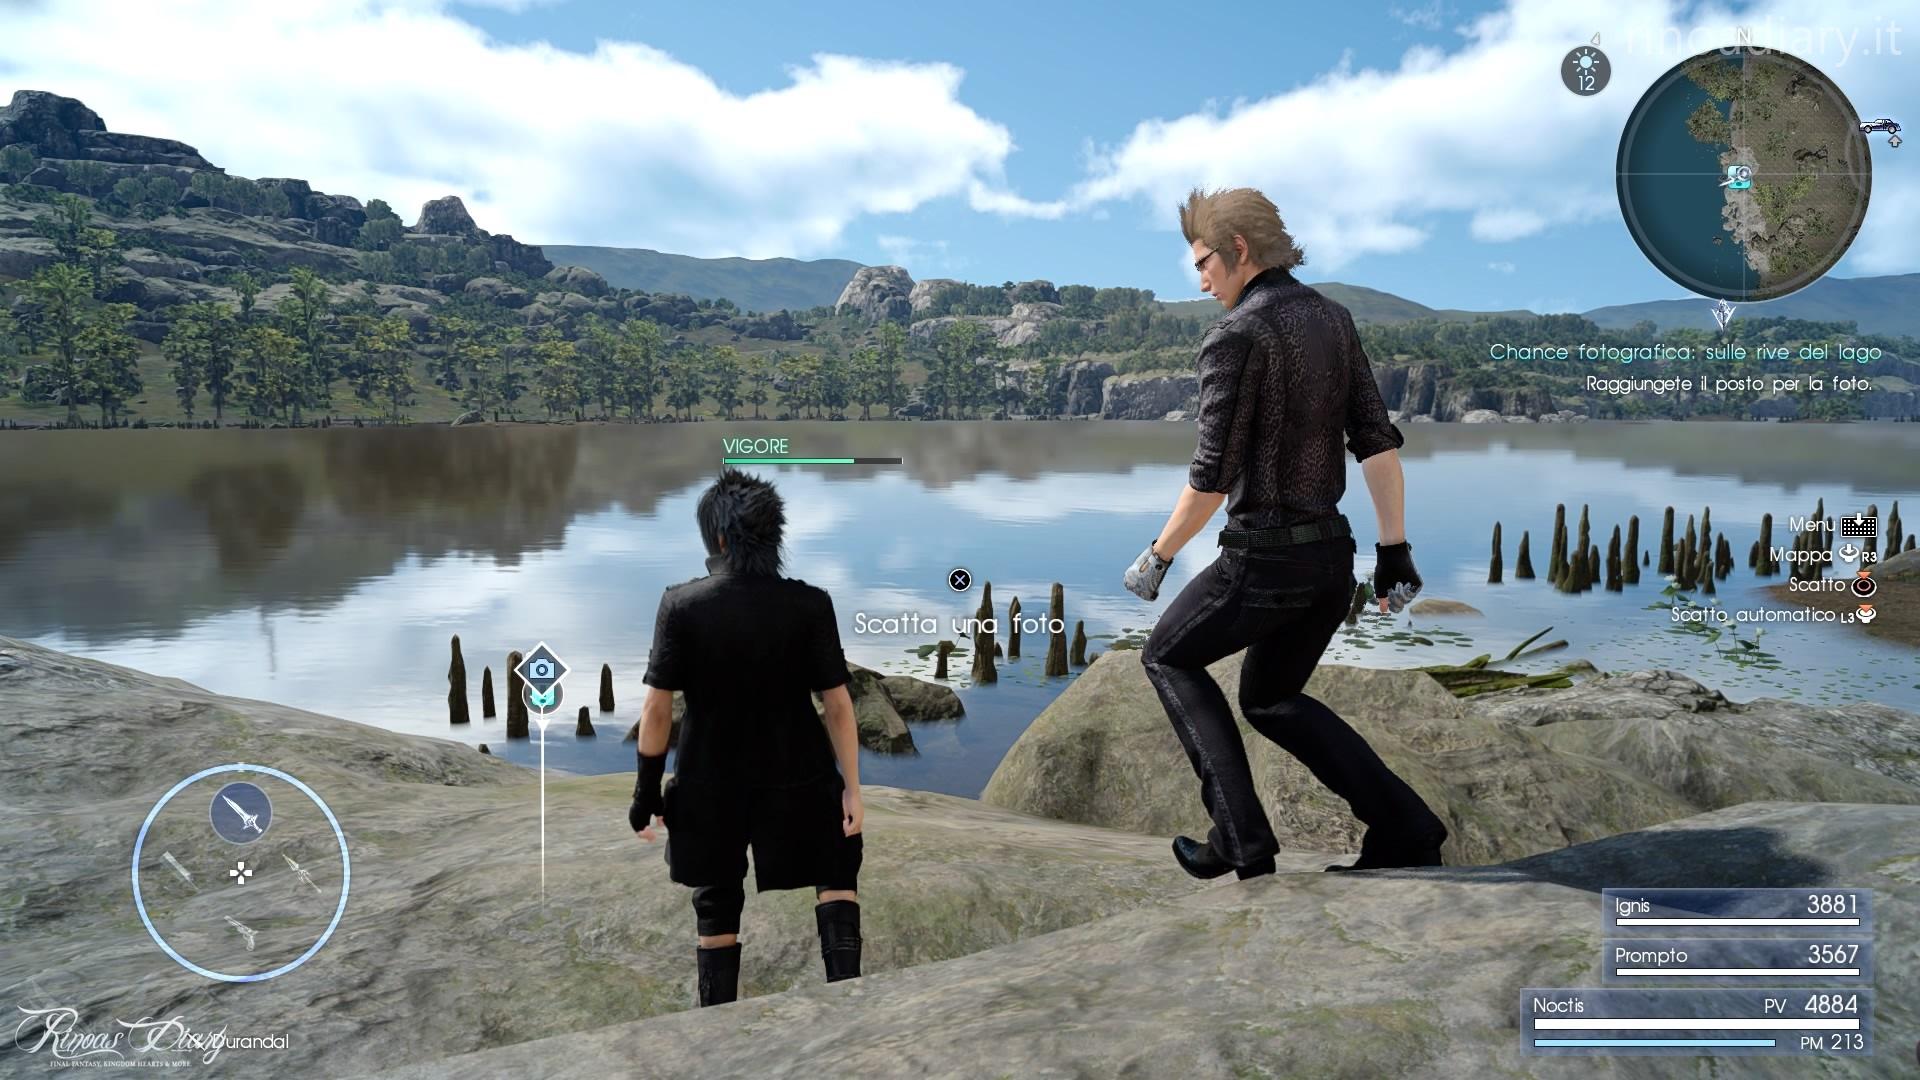 Missione - Sulle rive del lago - Final Fantasy XV